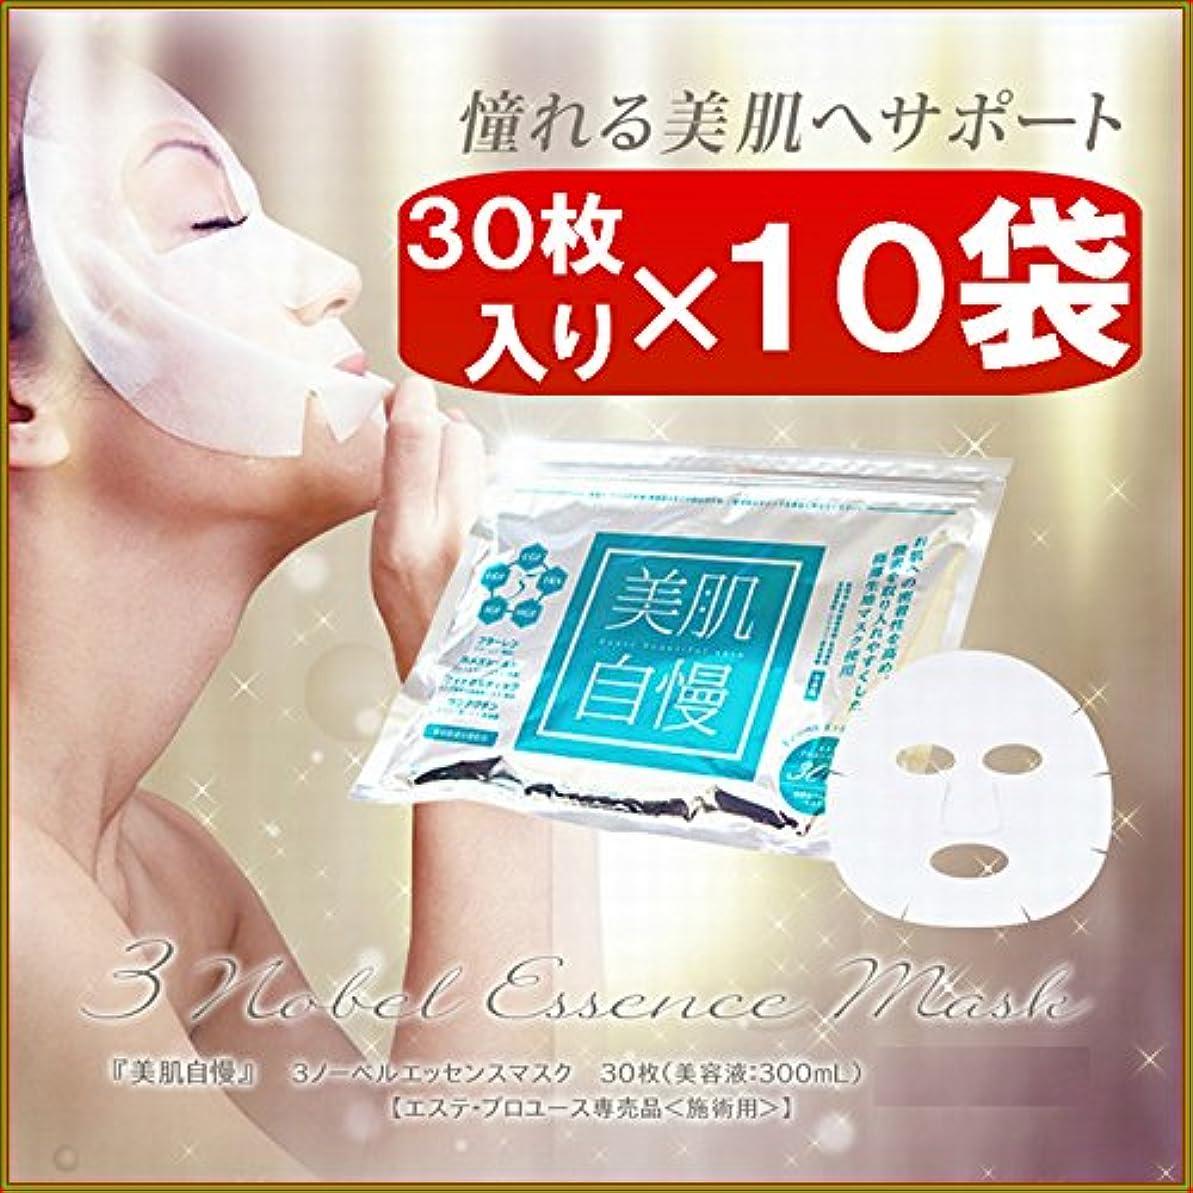 ヒップリハーサル流美肌自慢フェイスマスク 30枚入り ×超お得10袋セット 《エッセンスマスク、EGF、IGF、ヒアルロン酸、プラセンタ、アルブチン、カタツムリエキス、しみ、しわ》